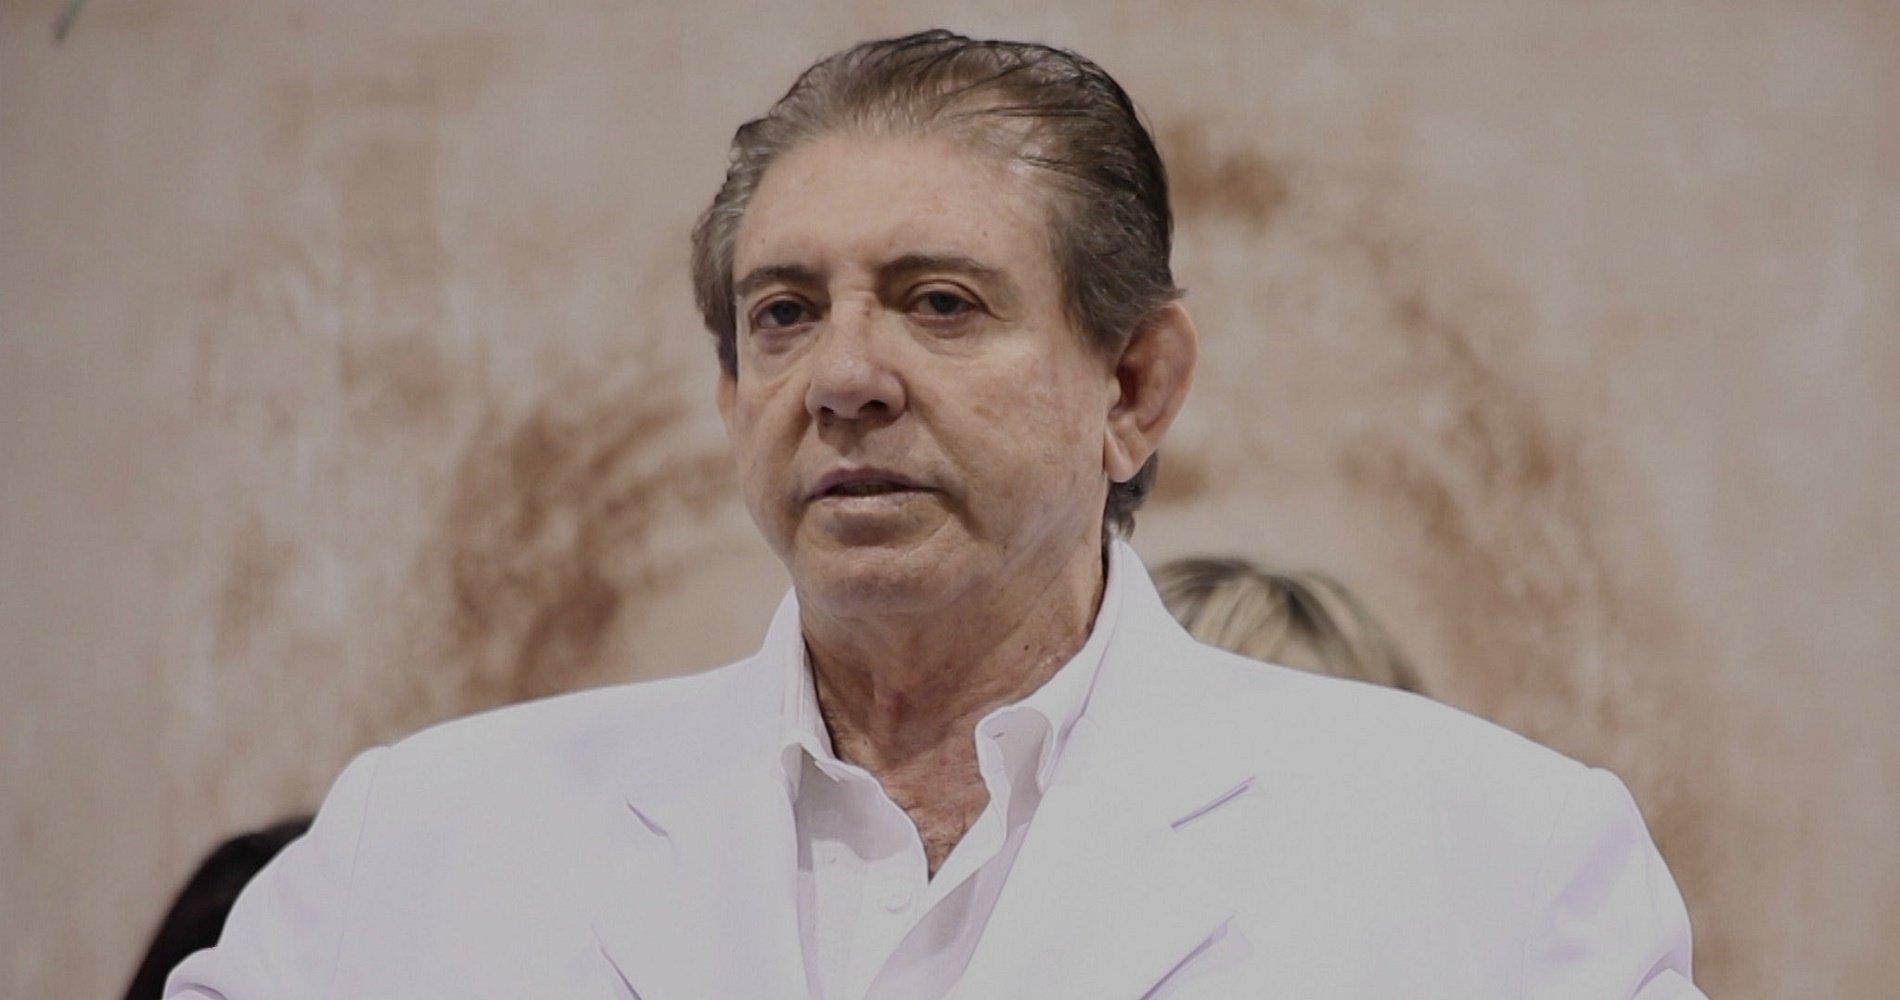 João Teixeira de Faria in Der göttliche João: Die Verbrechen eines Geistheilers